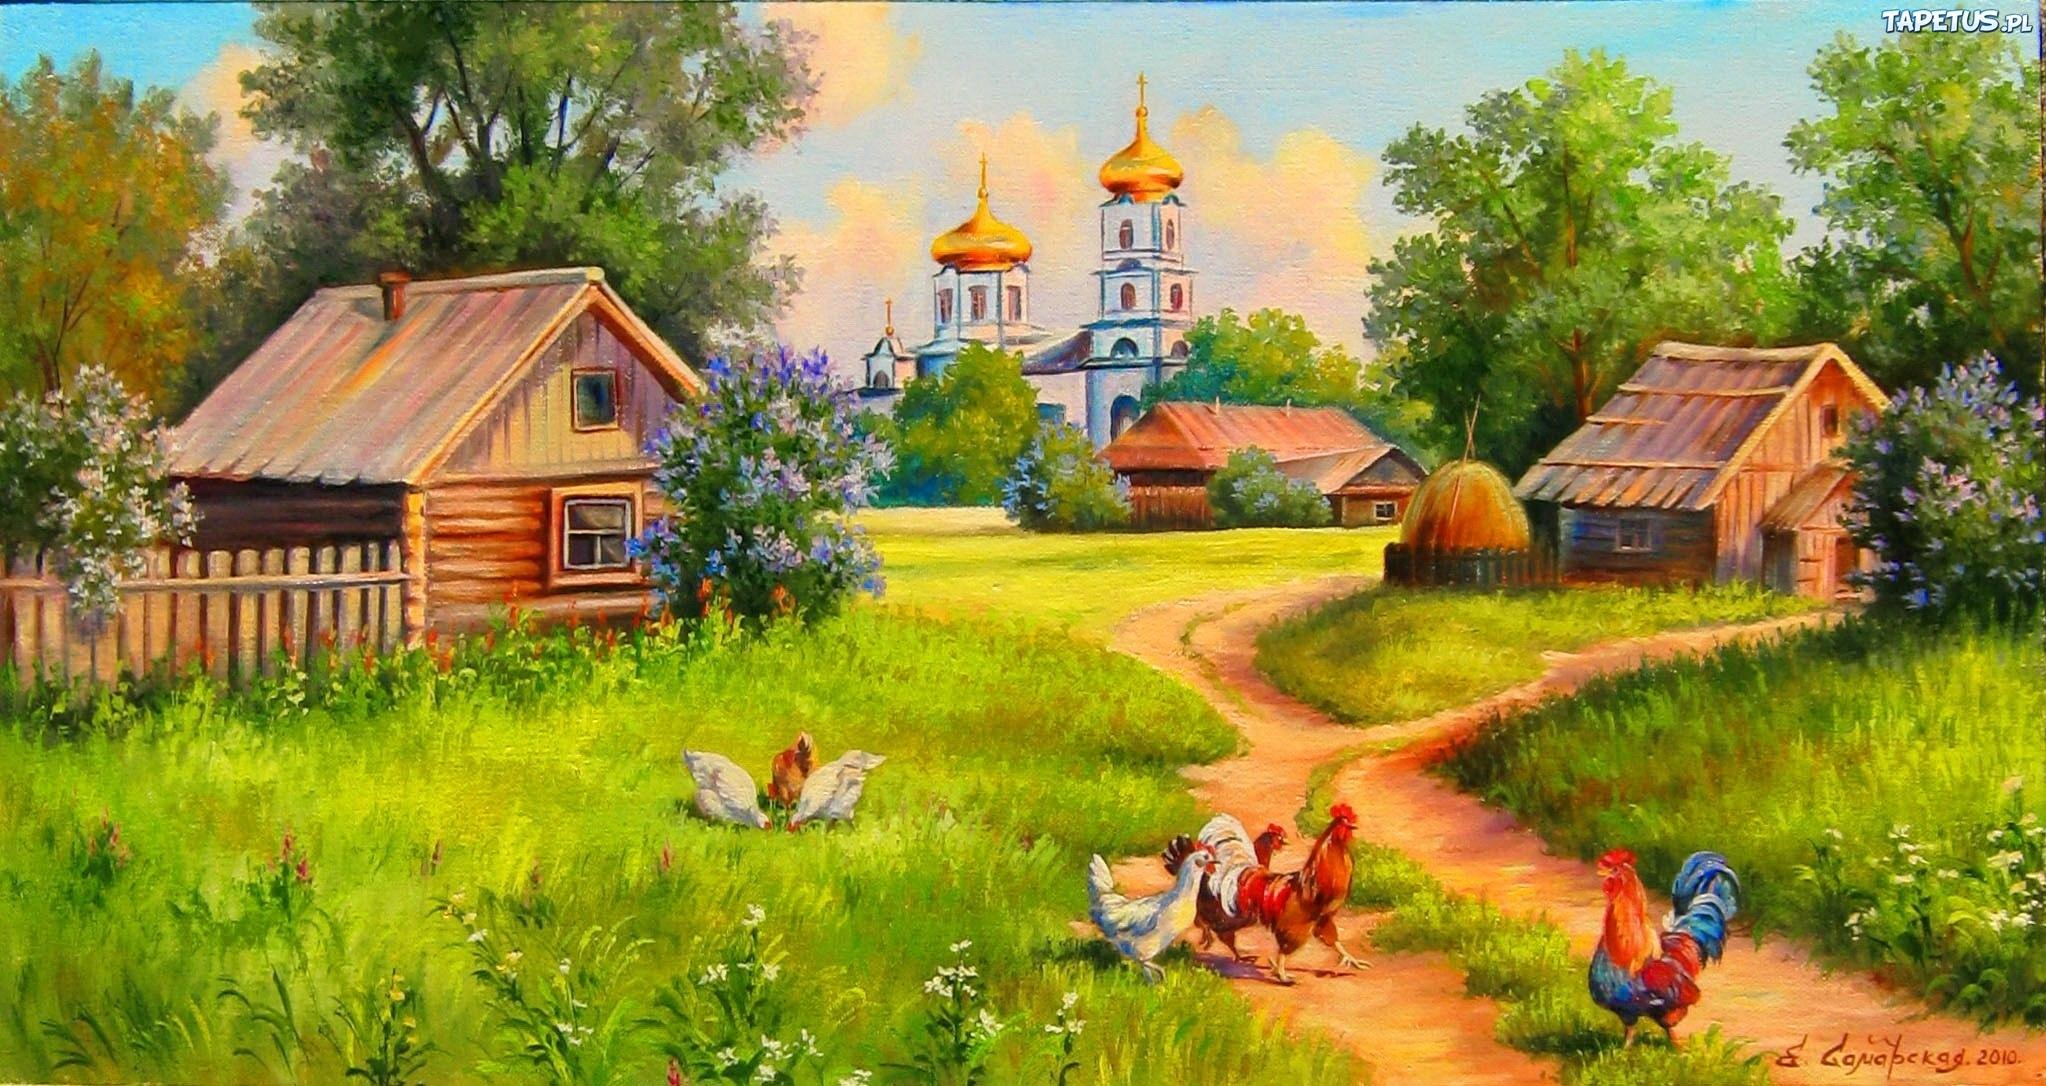 Секс в русской деревушке 5 фотография